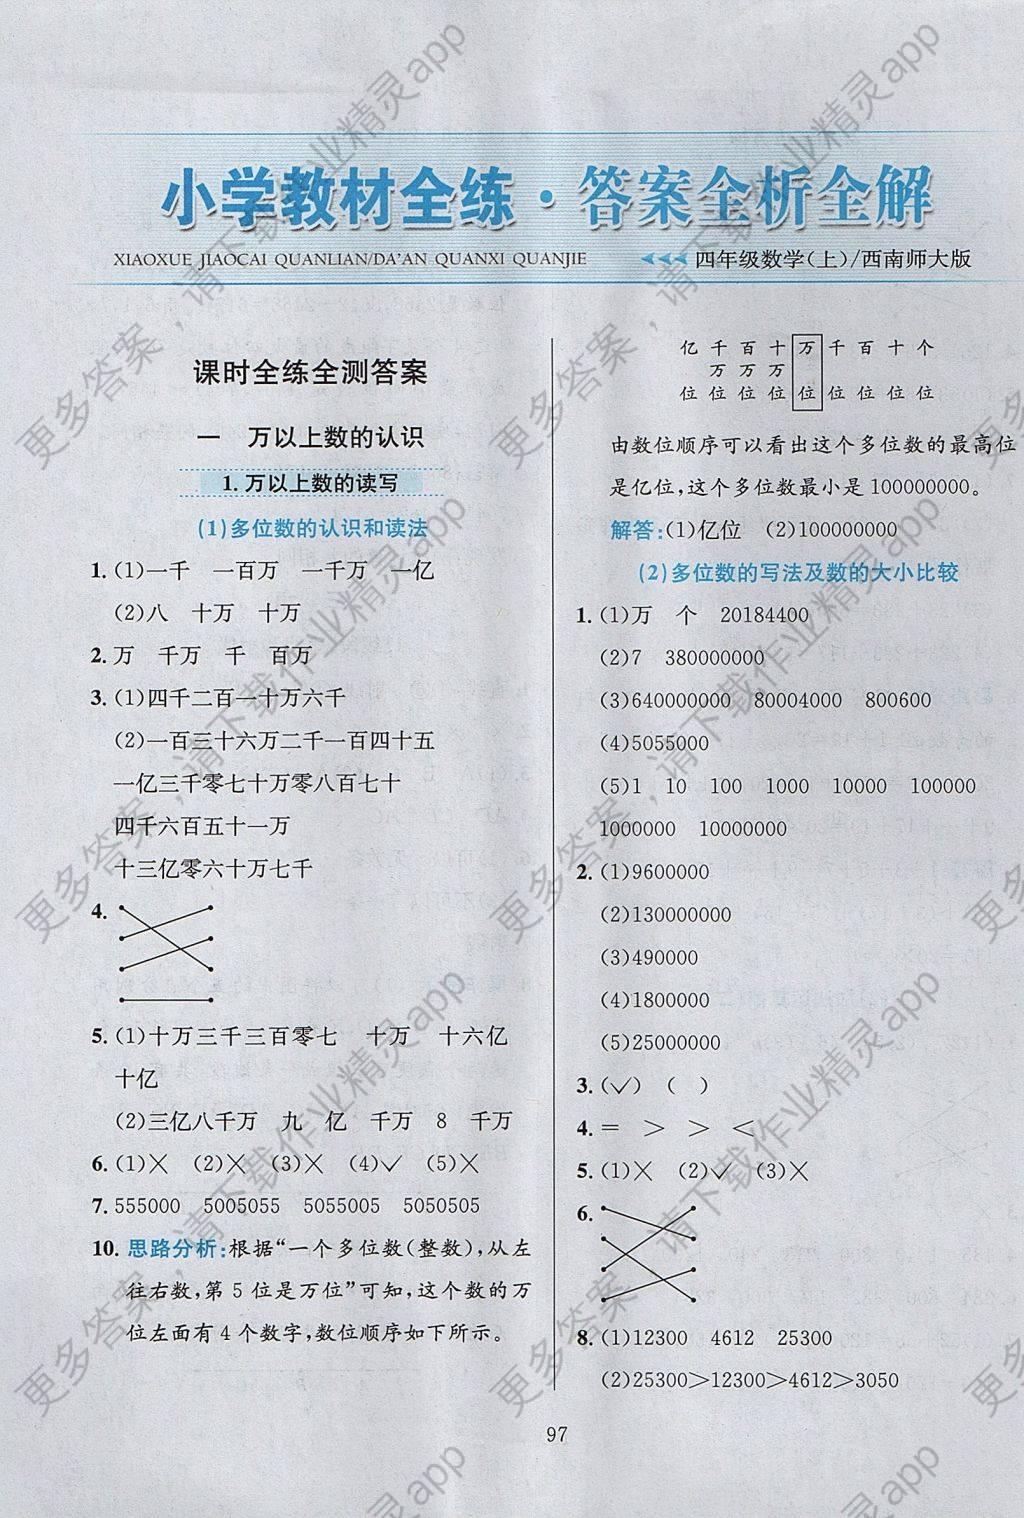 小学教材全练_2017年小学教材全练四年级数学上册西师大版